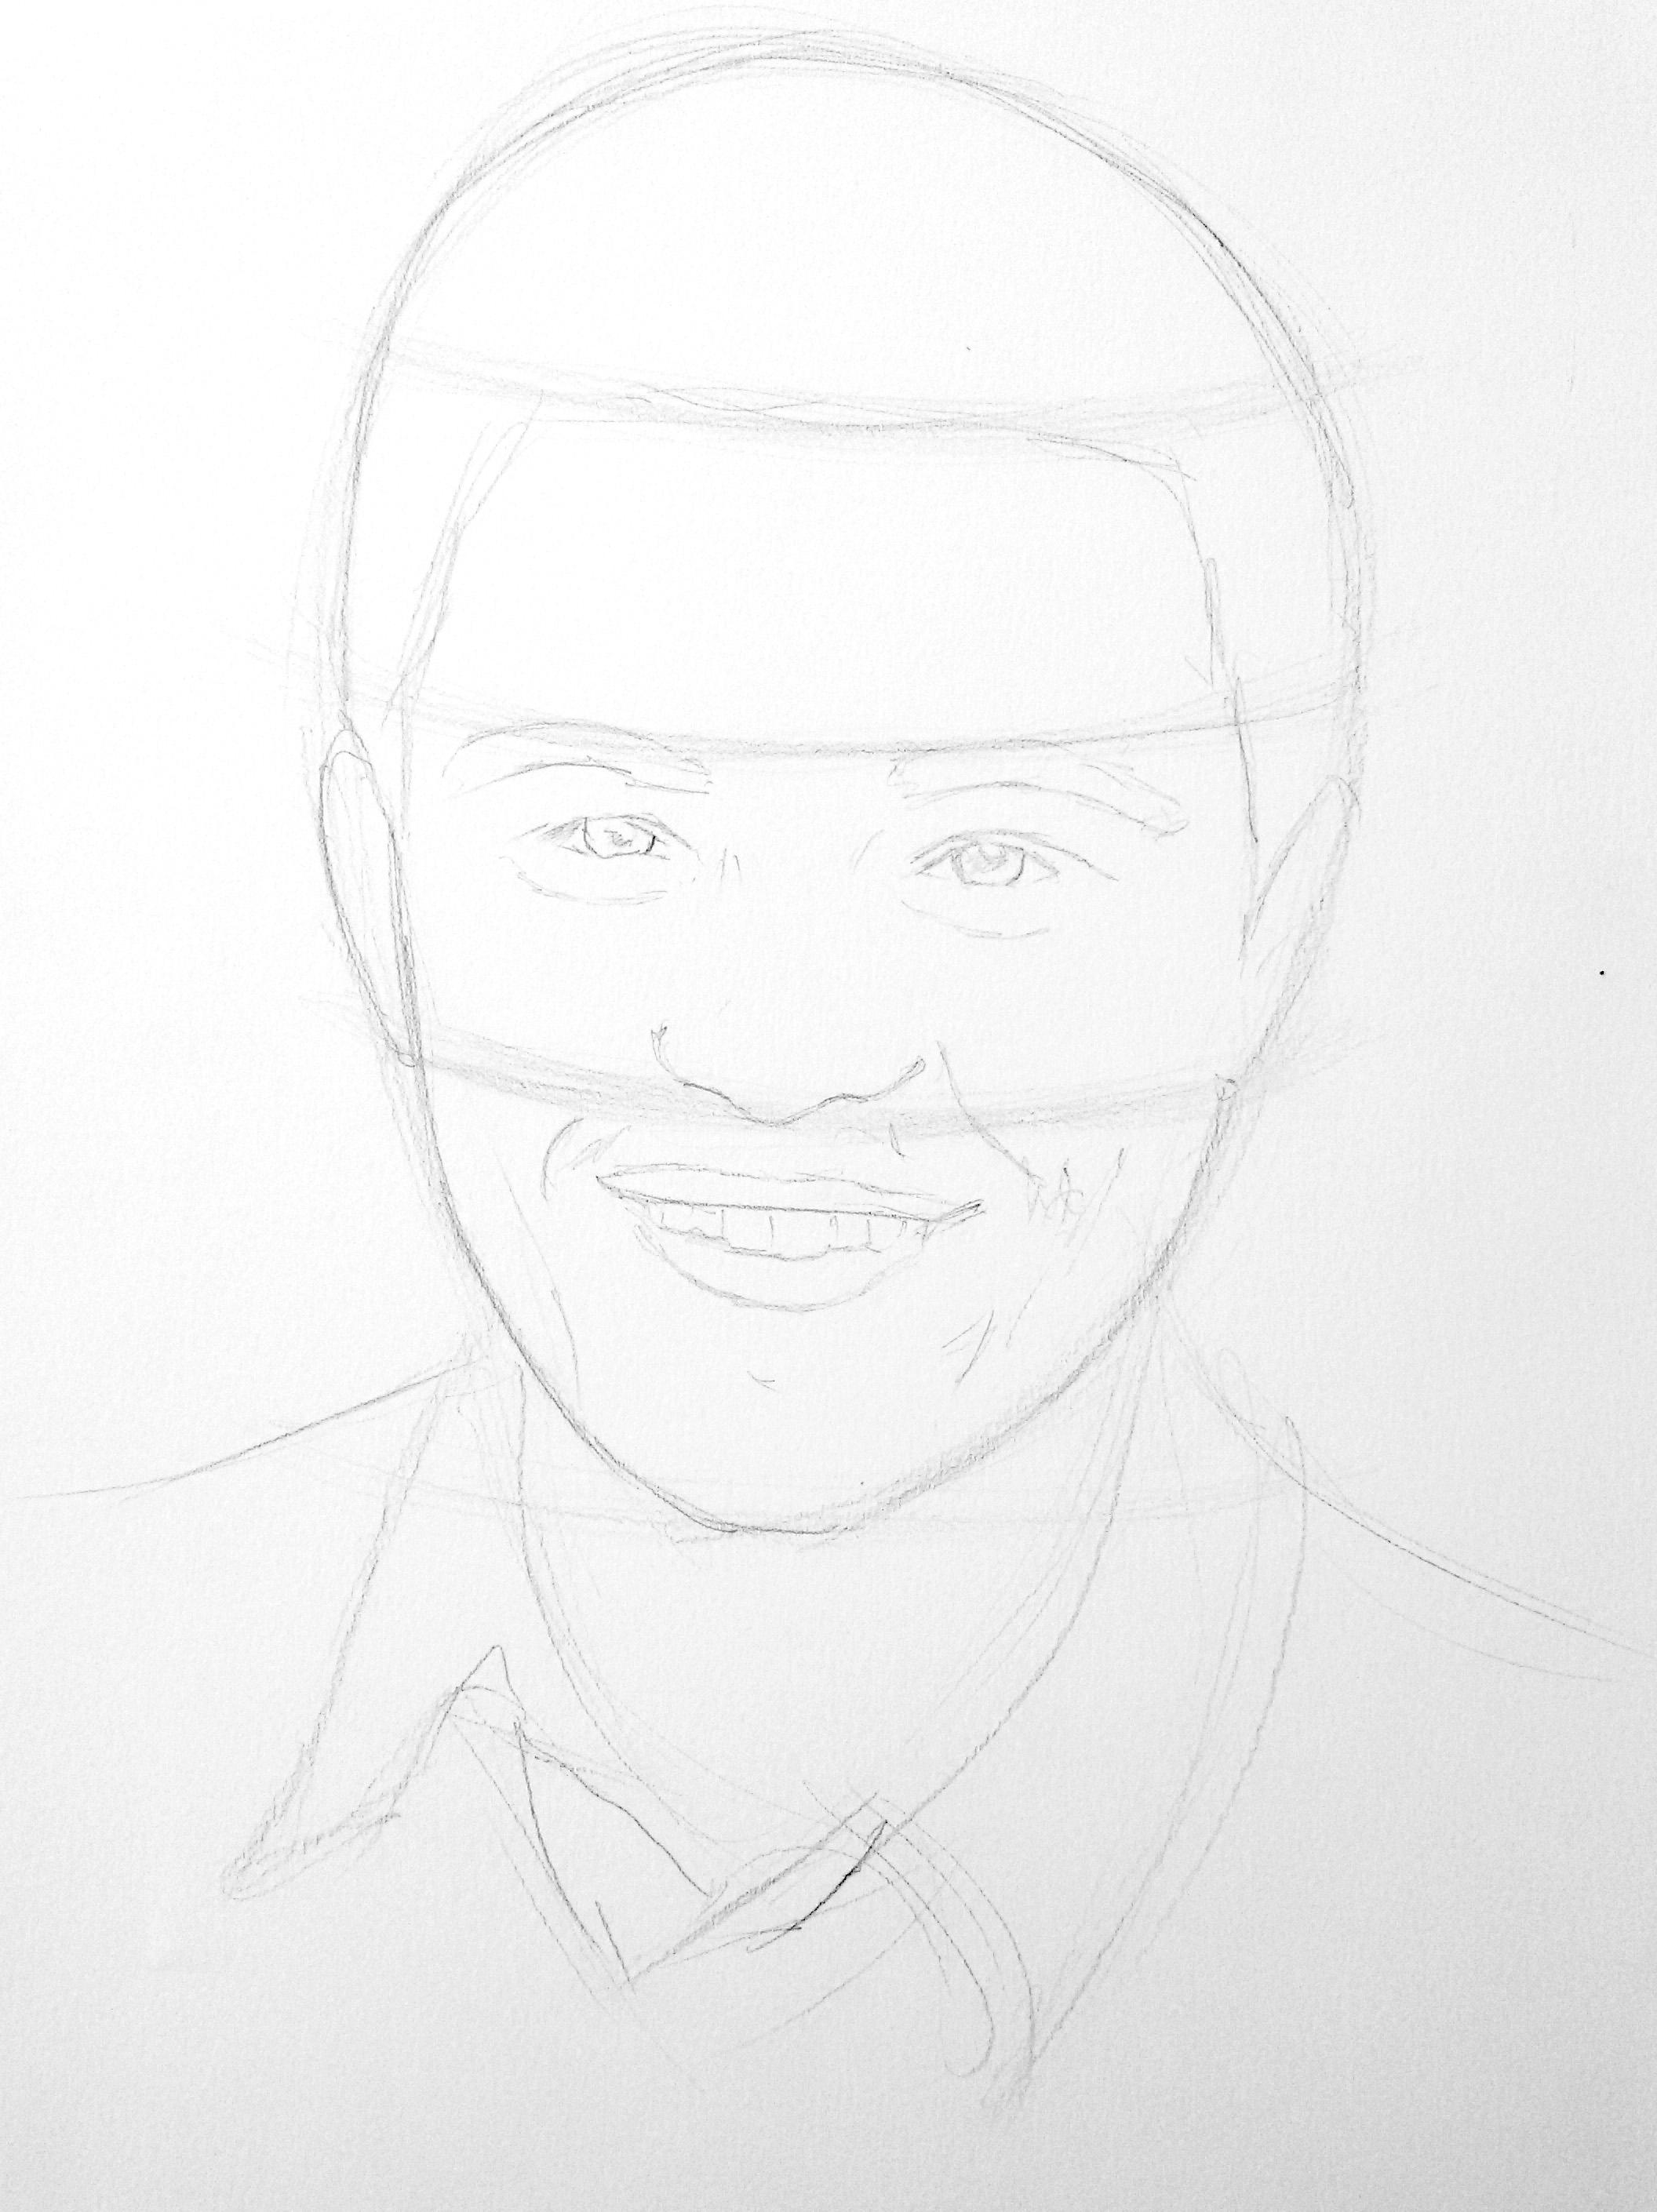 Karakalem Portre çizimi Işık Ve Gölge Uygulaması